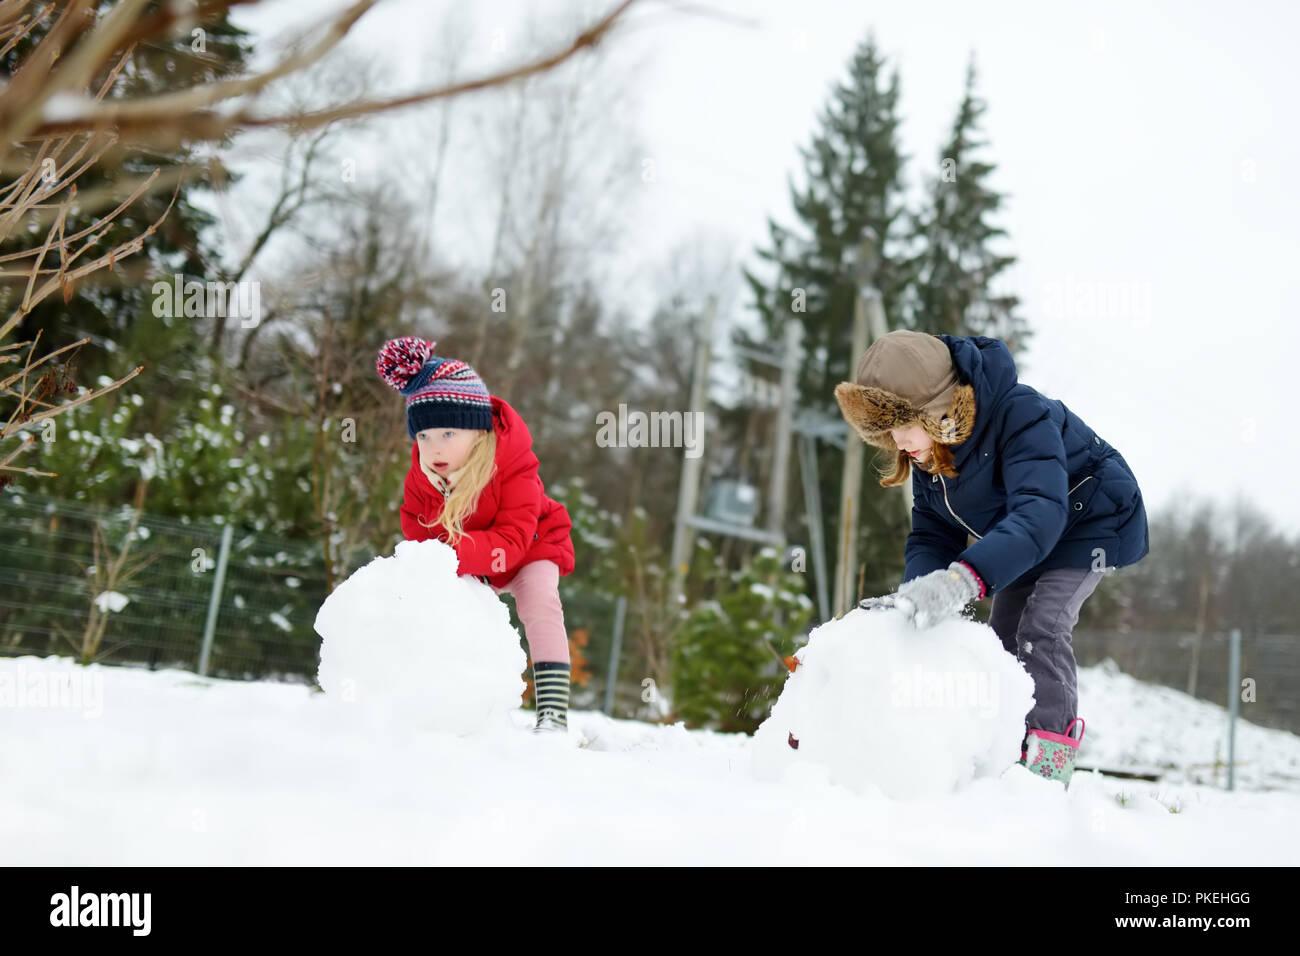 Adorable Pequeño Niñas Haciendo Un Muñeco De Nieve En El Patio Cute Niños Jugando En La Nieve Las Actividades De Invierno Para Los Niños Fotografía De Stock Alamy